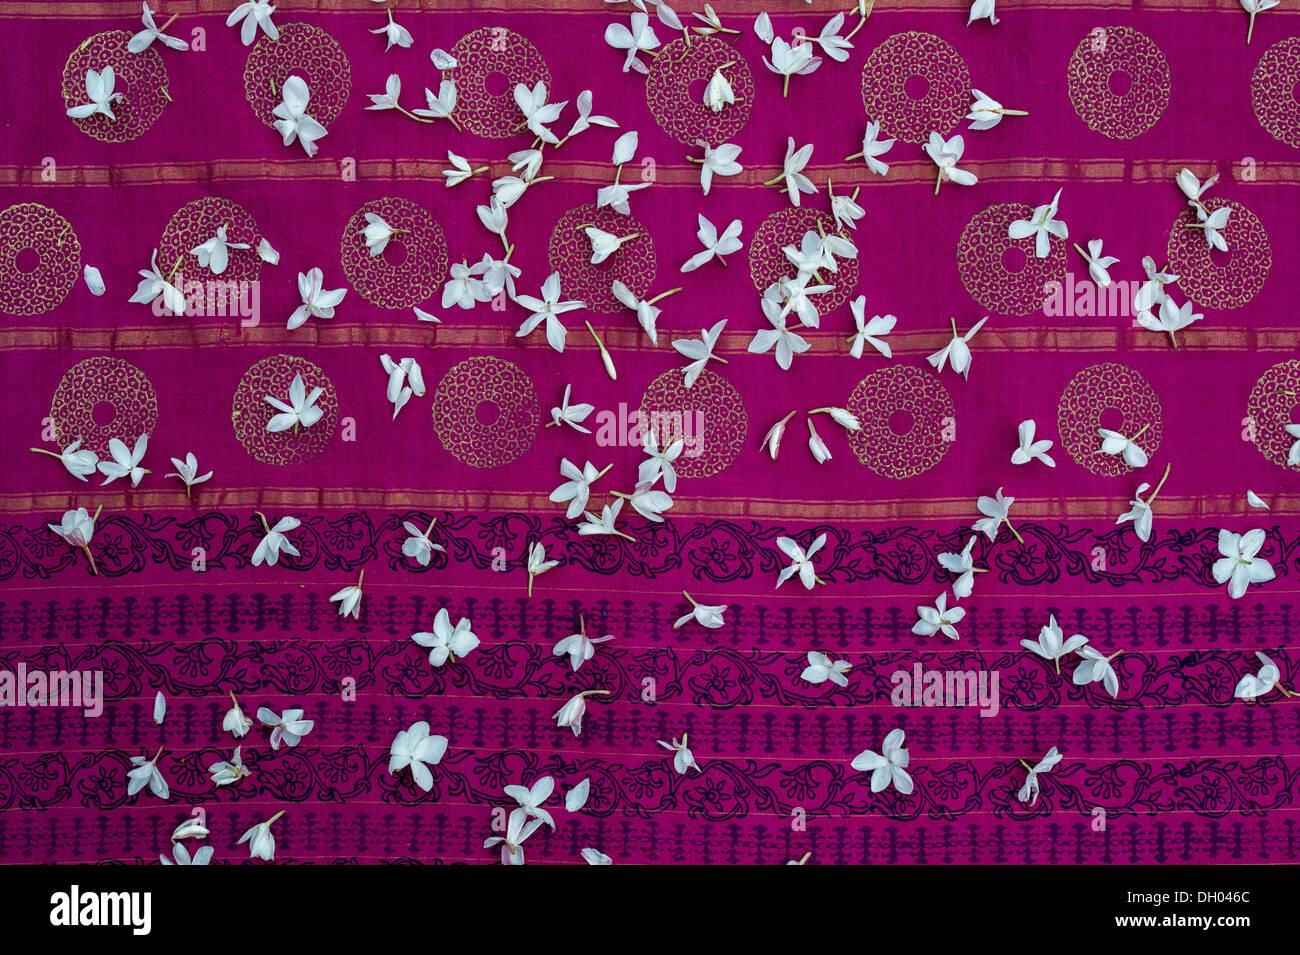 Fiori di gelsomino in un colorato sari indiani Immagini Stock